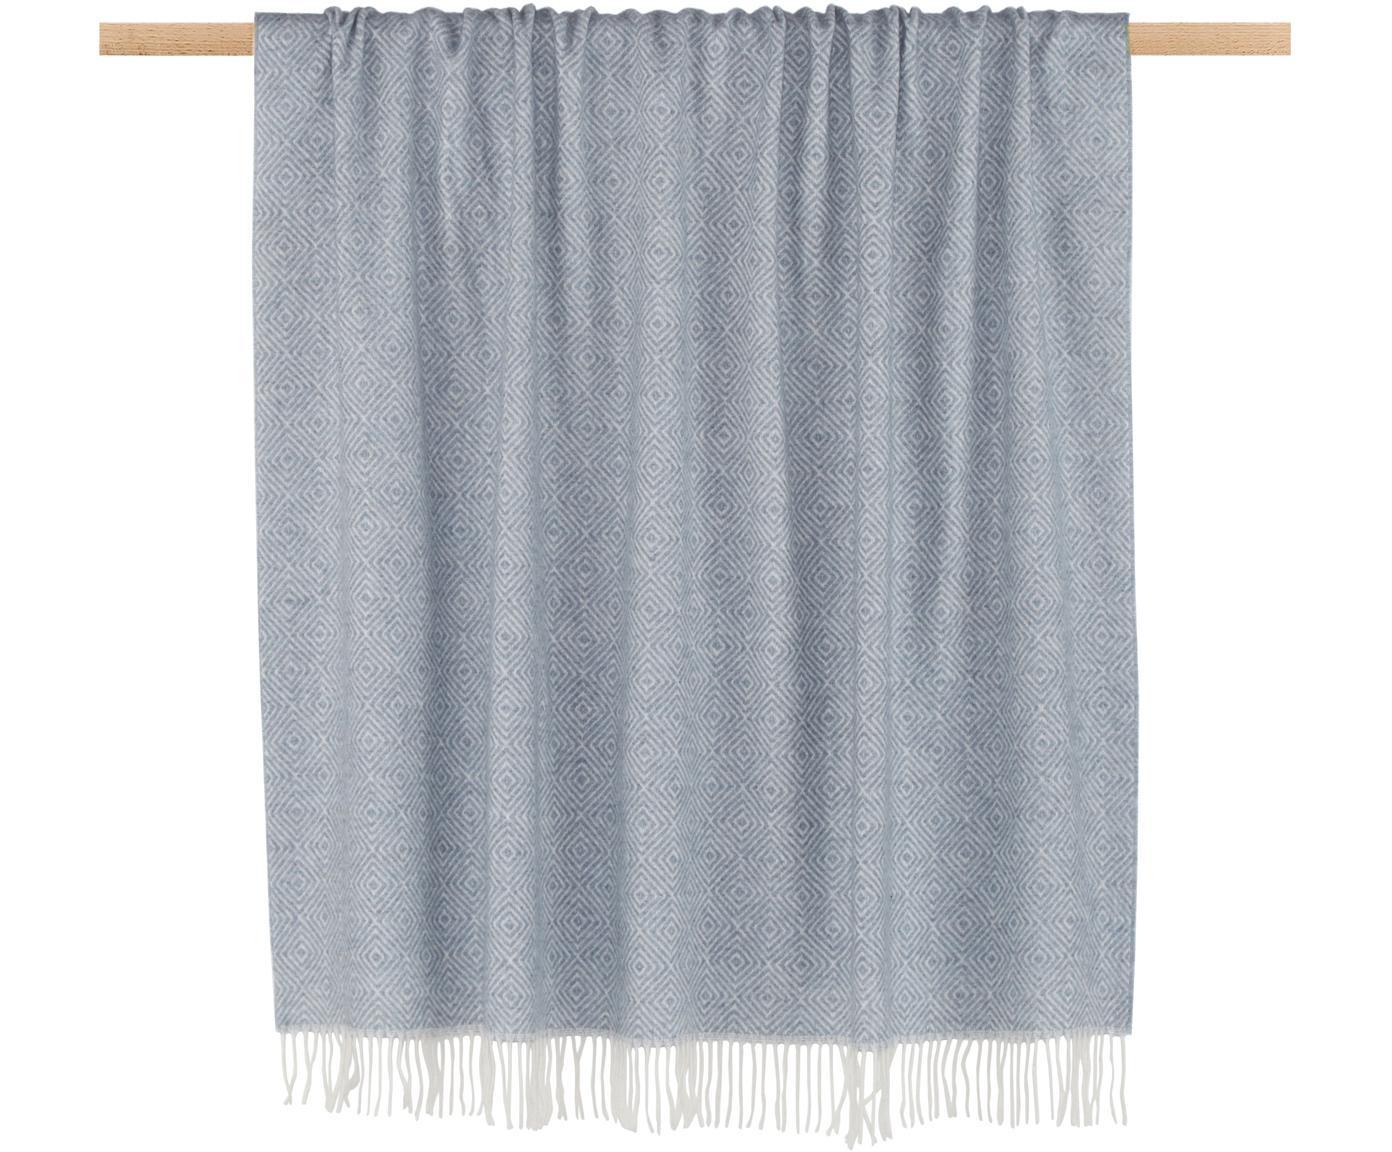 Woll-Plaid Alison mit feinem grafischem Muster, 80% Wolle, 20% Acryl, Graublau, Gebrochenes Weiß, 140 x 200 cm